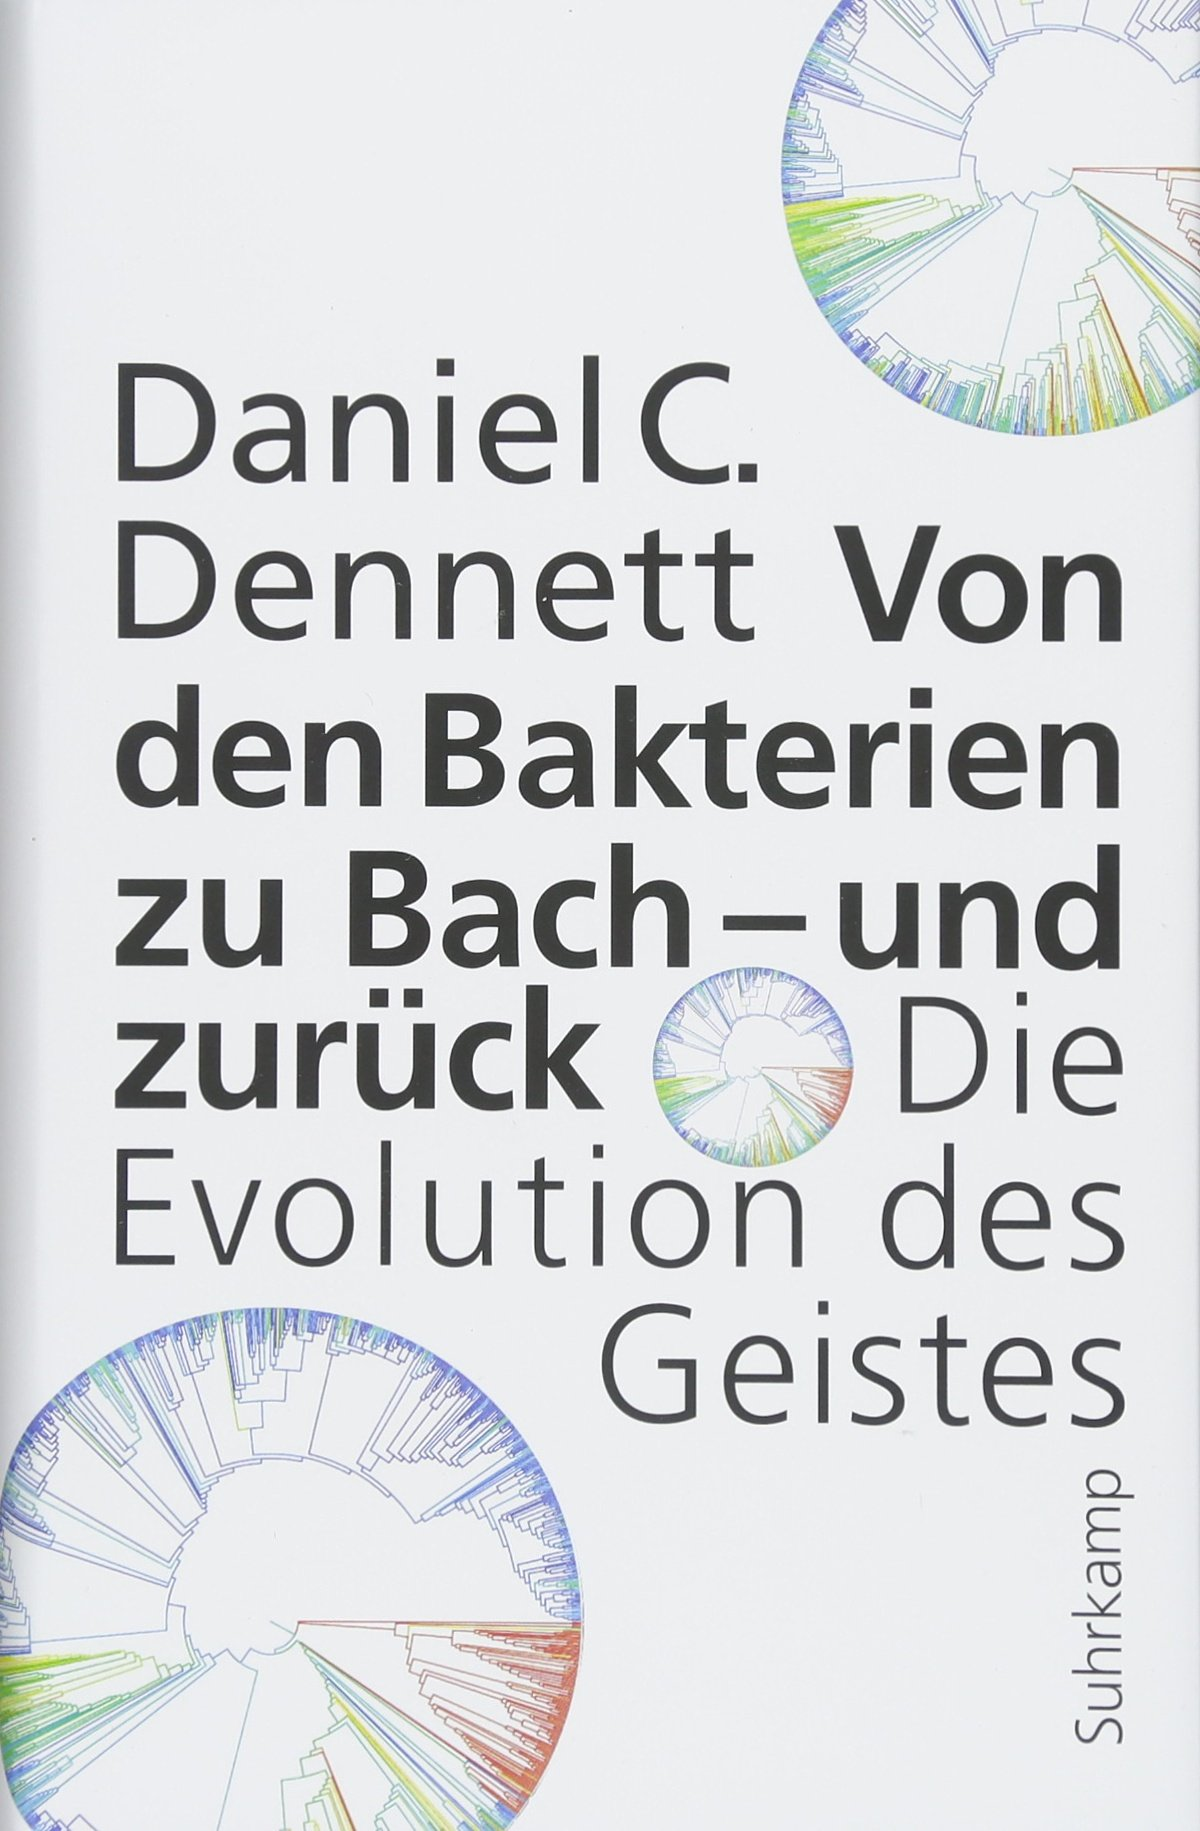 von-den-bakterien-zu-bach-und-zurck-die-evolution-des-geistes